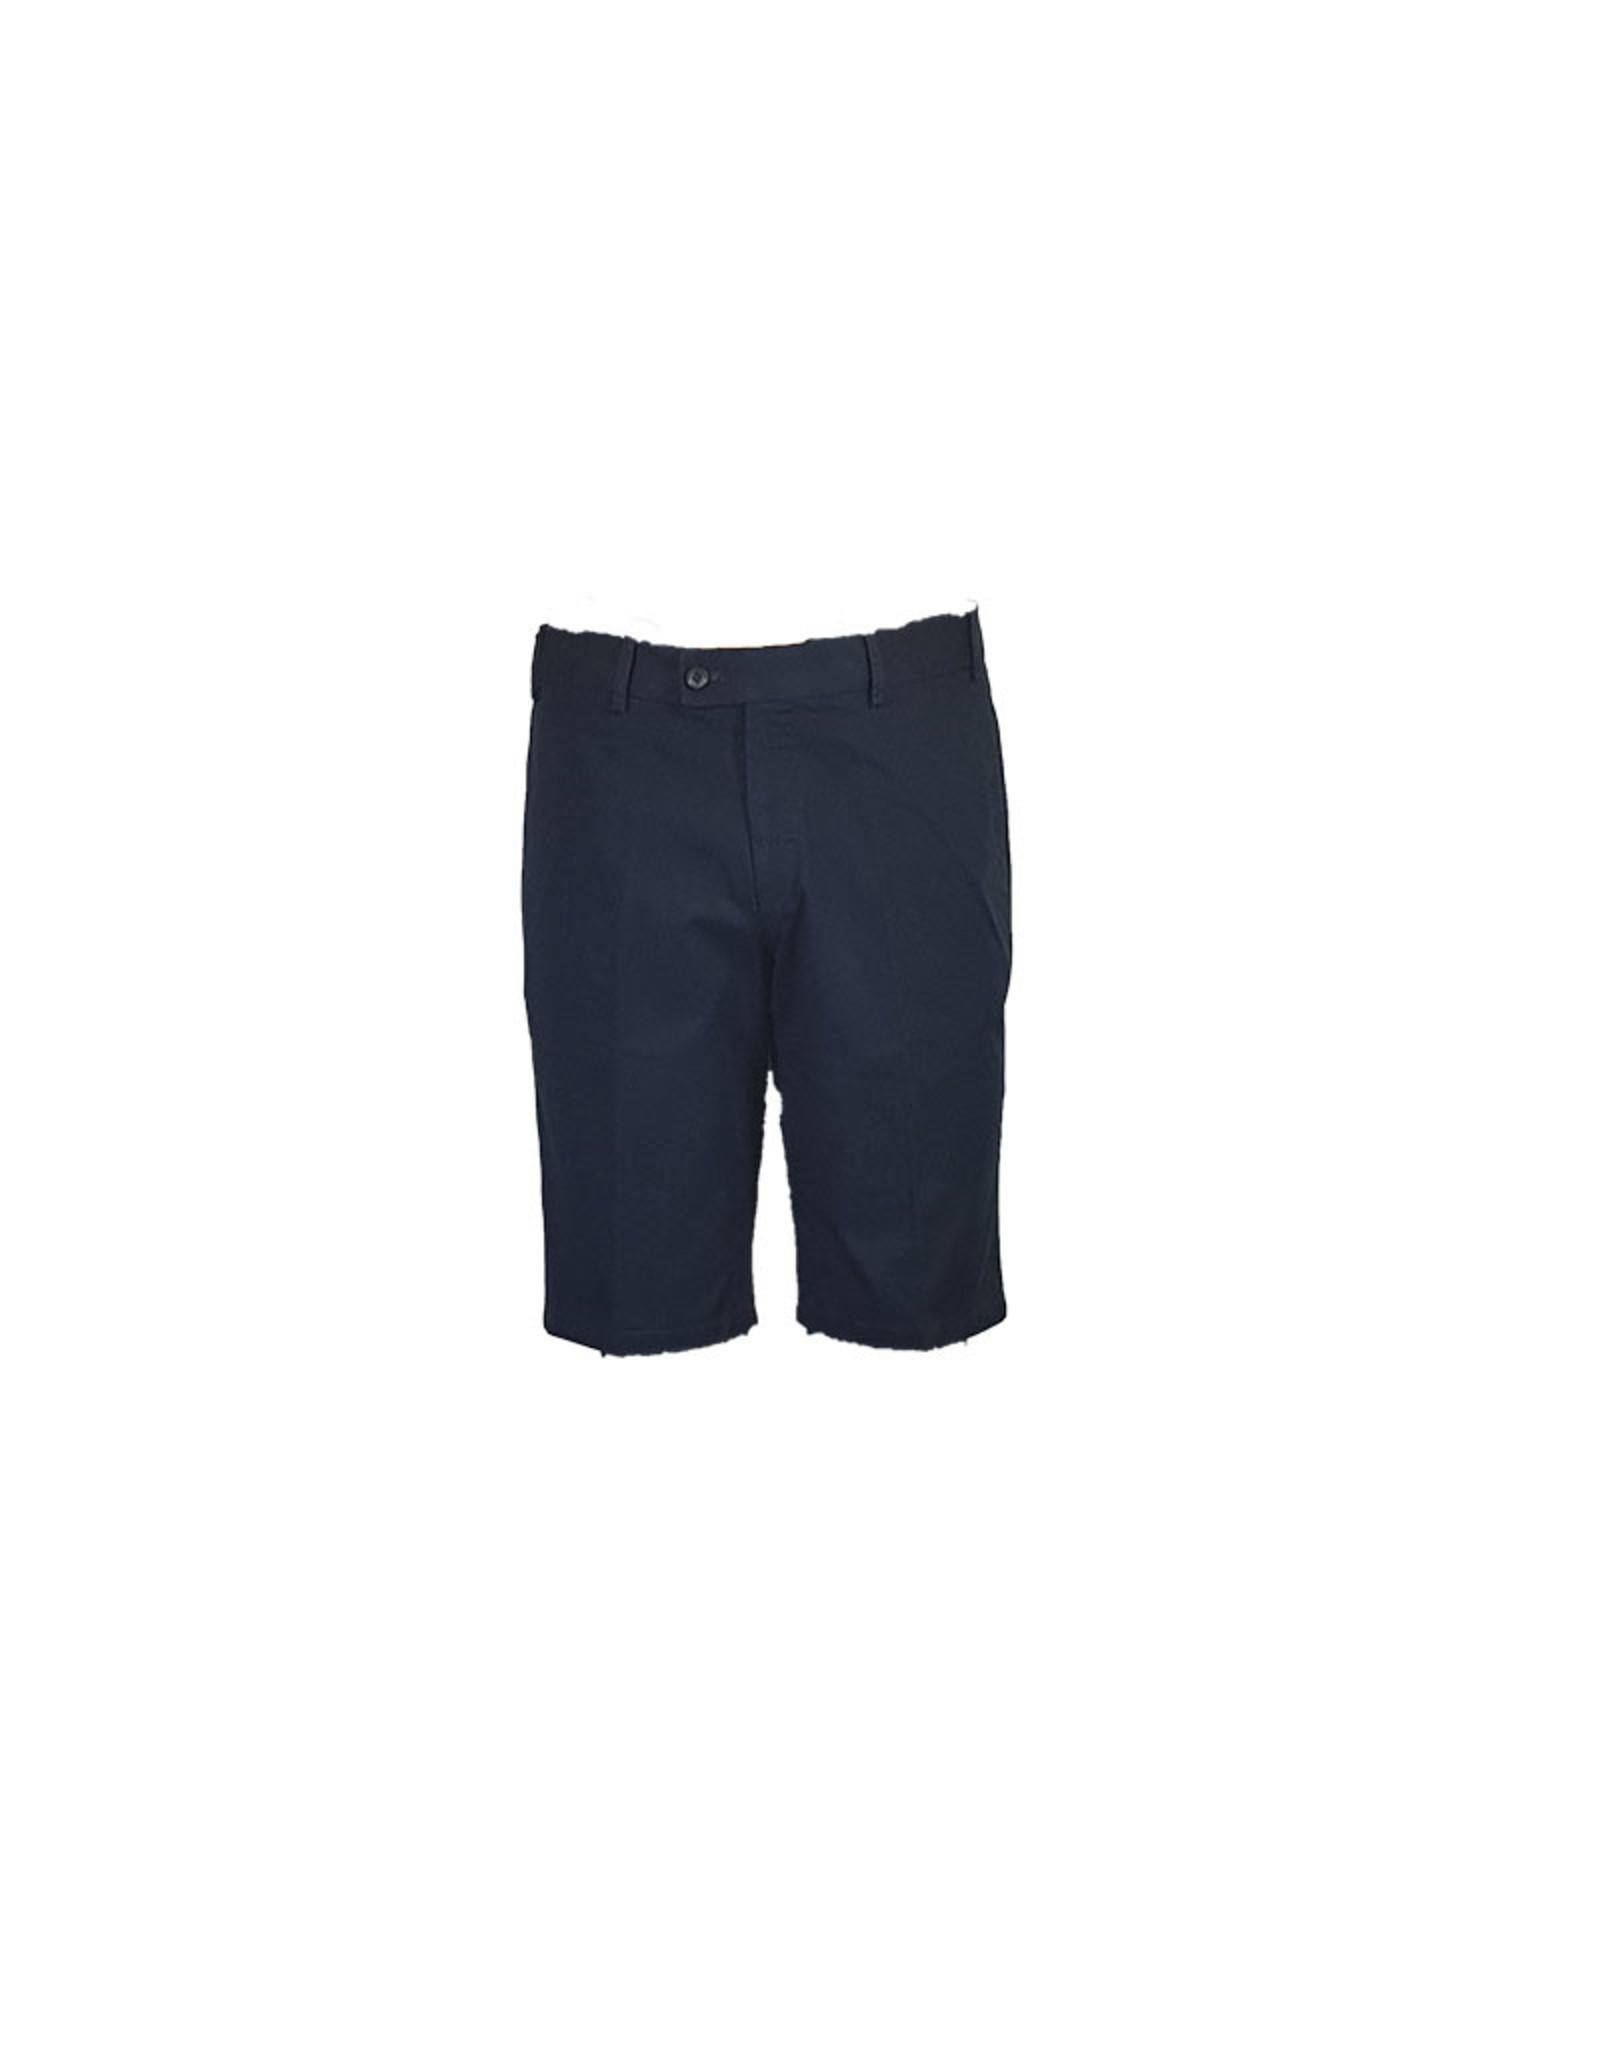 Hiltl Hiltl bermuda blauw Pulia 73649/40